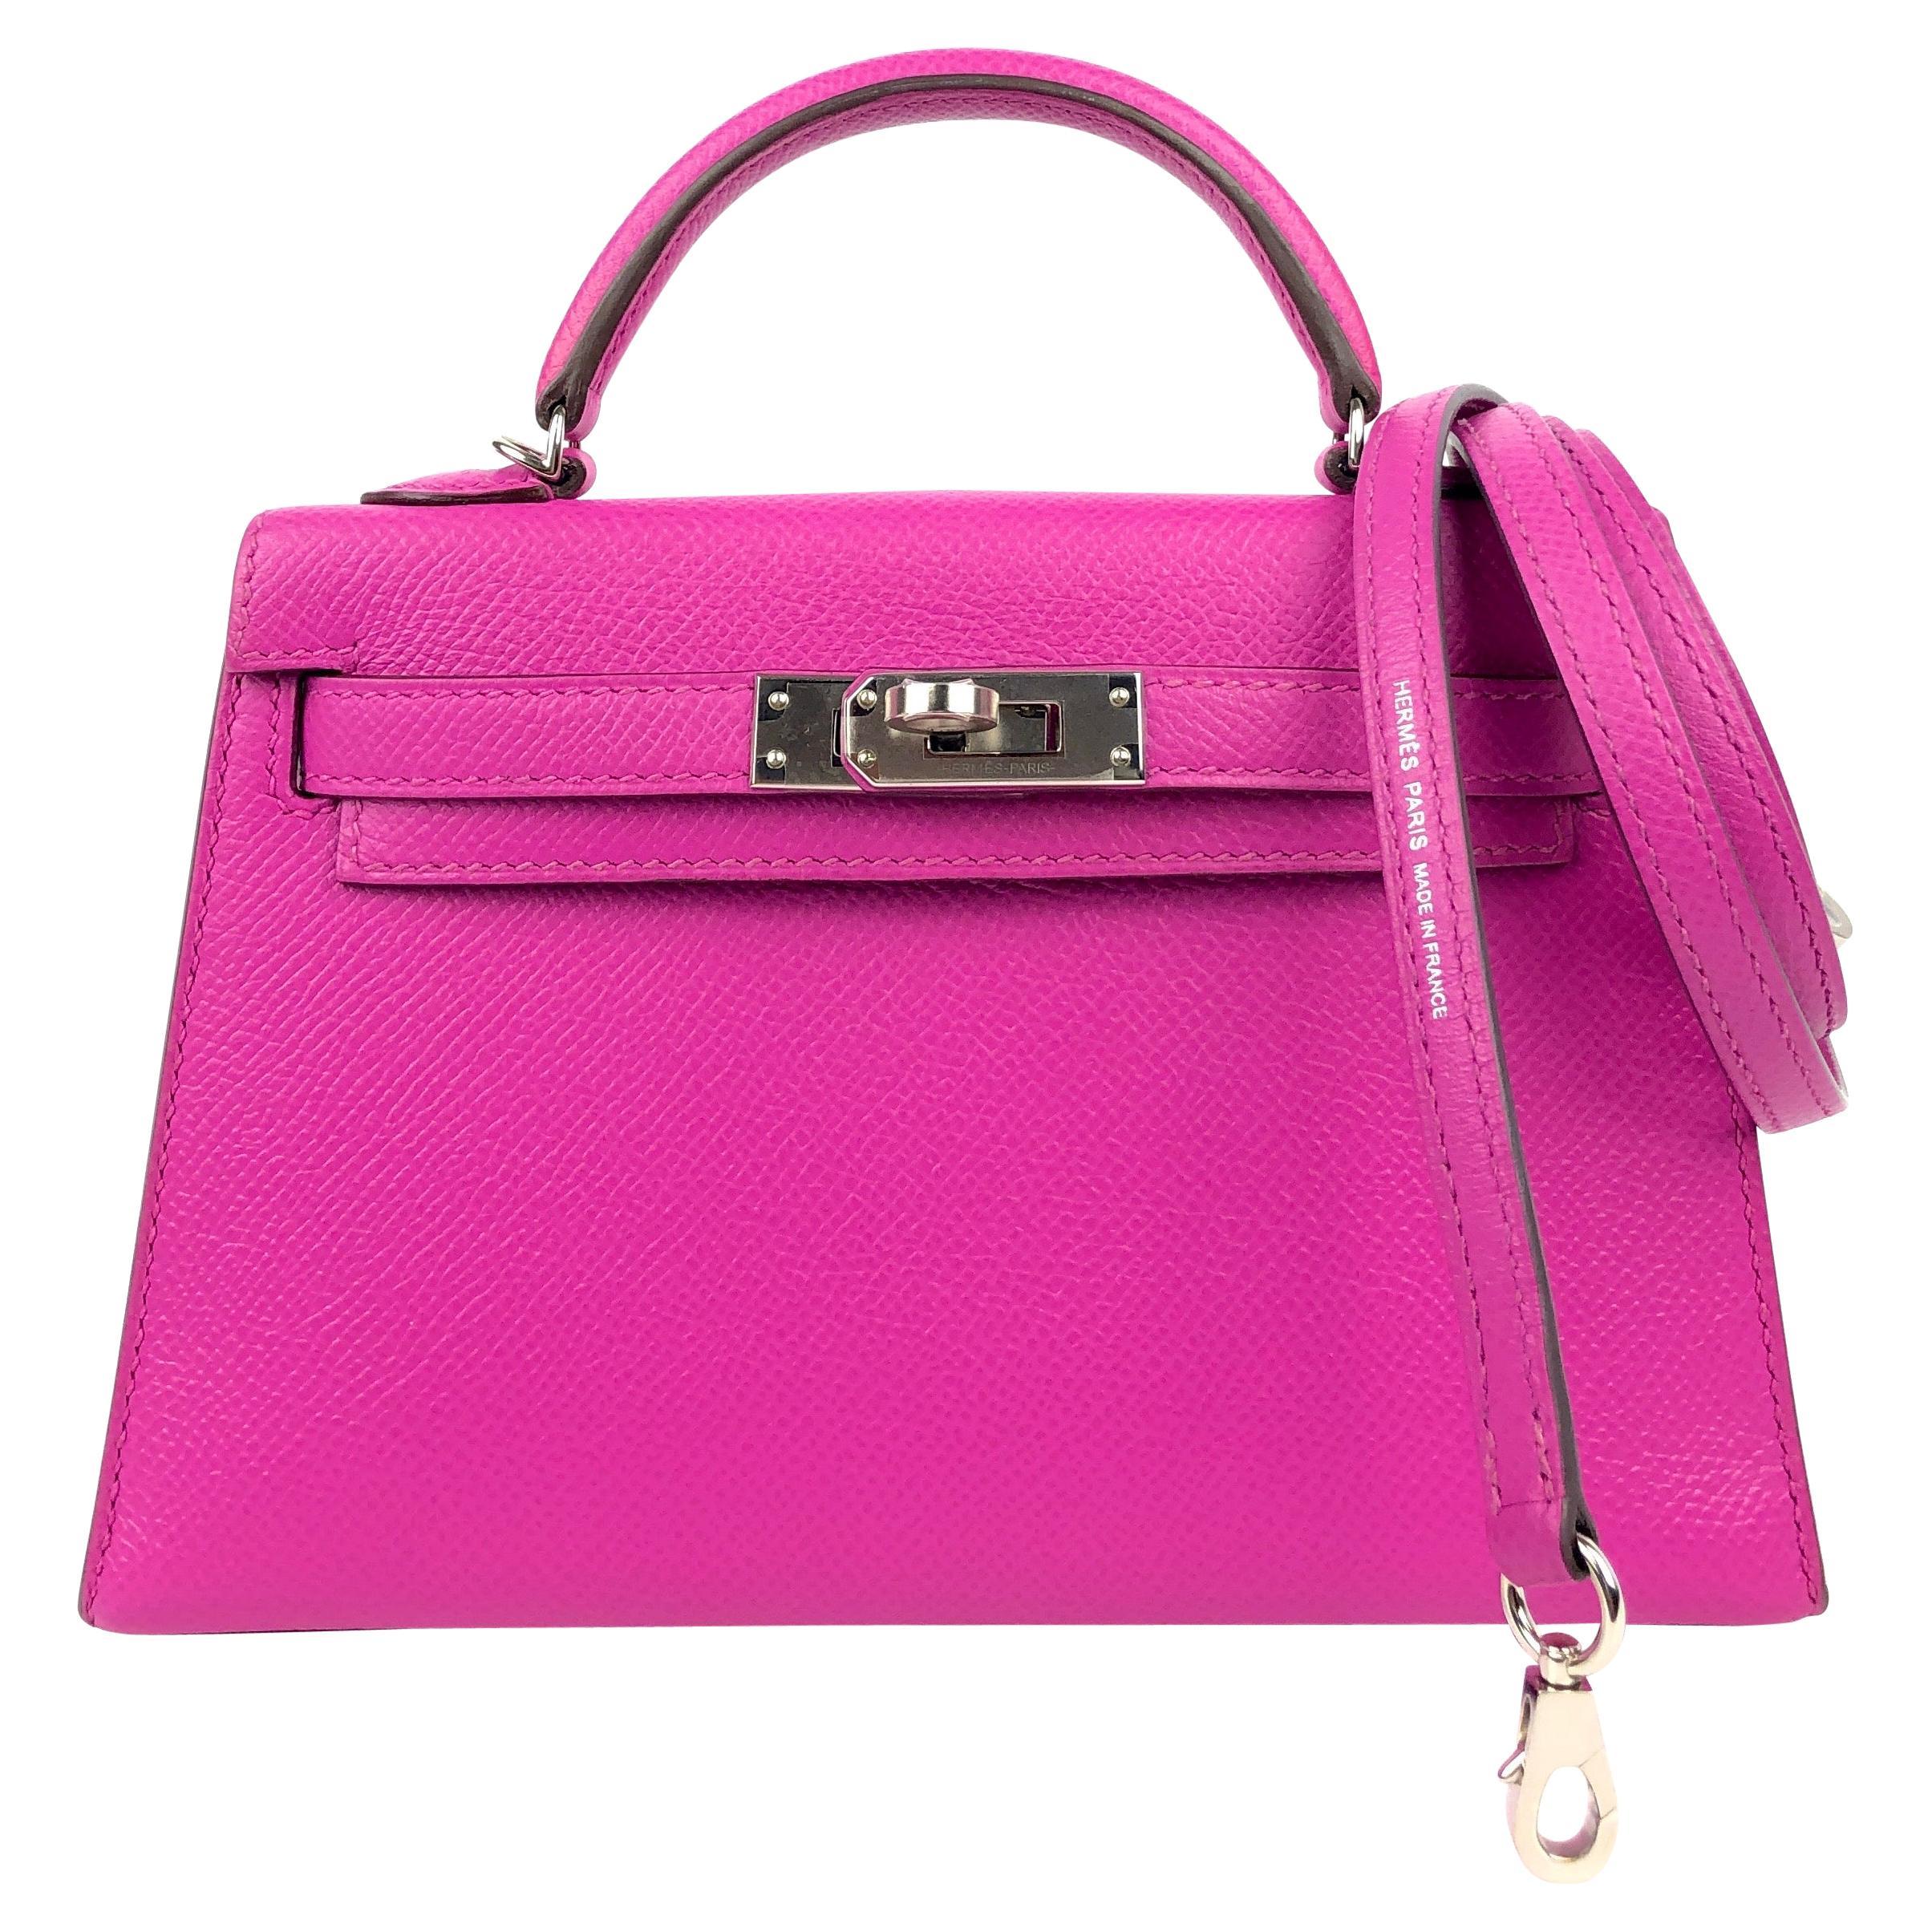 Hermes Mini Kelly 20 Magnolia Pink Purple Epsom Leather Palladium Hardware NEW